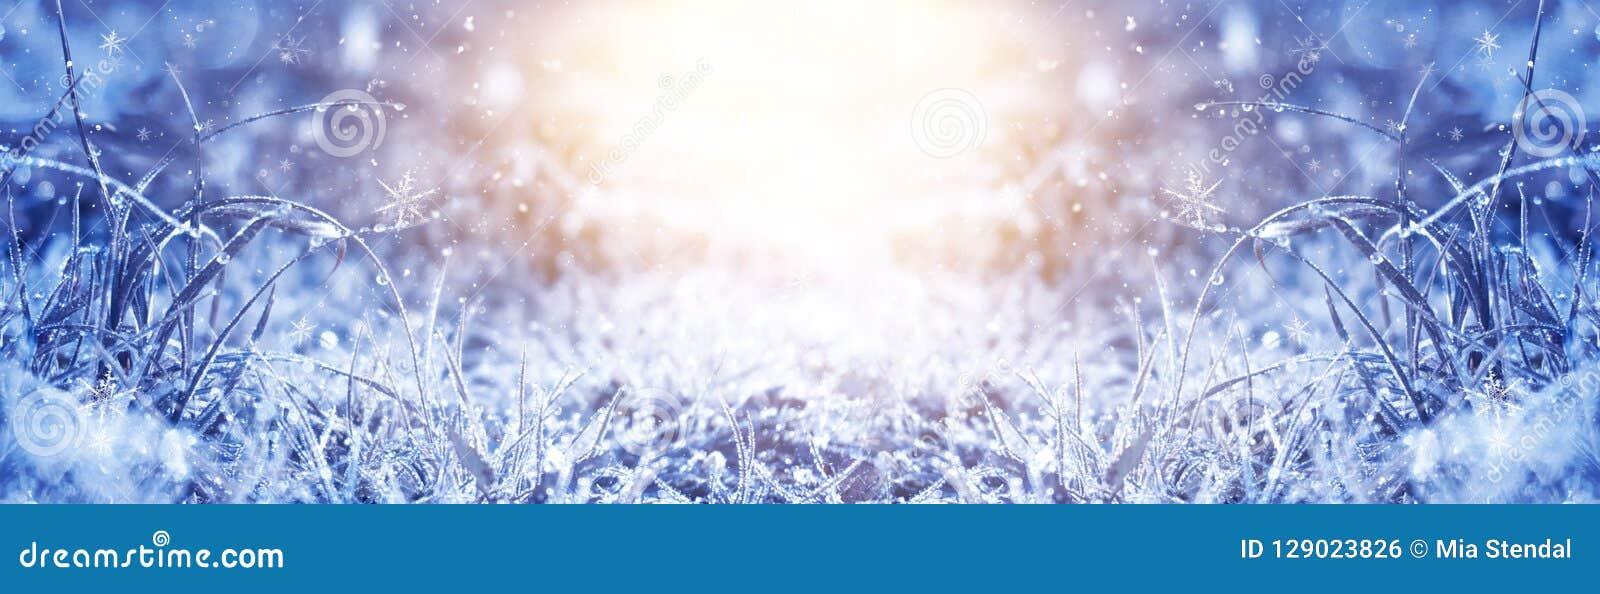 Manhã gelado do inverno Fundo da neve do inverno, cor azul, flocos de neve, luz solar, macro